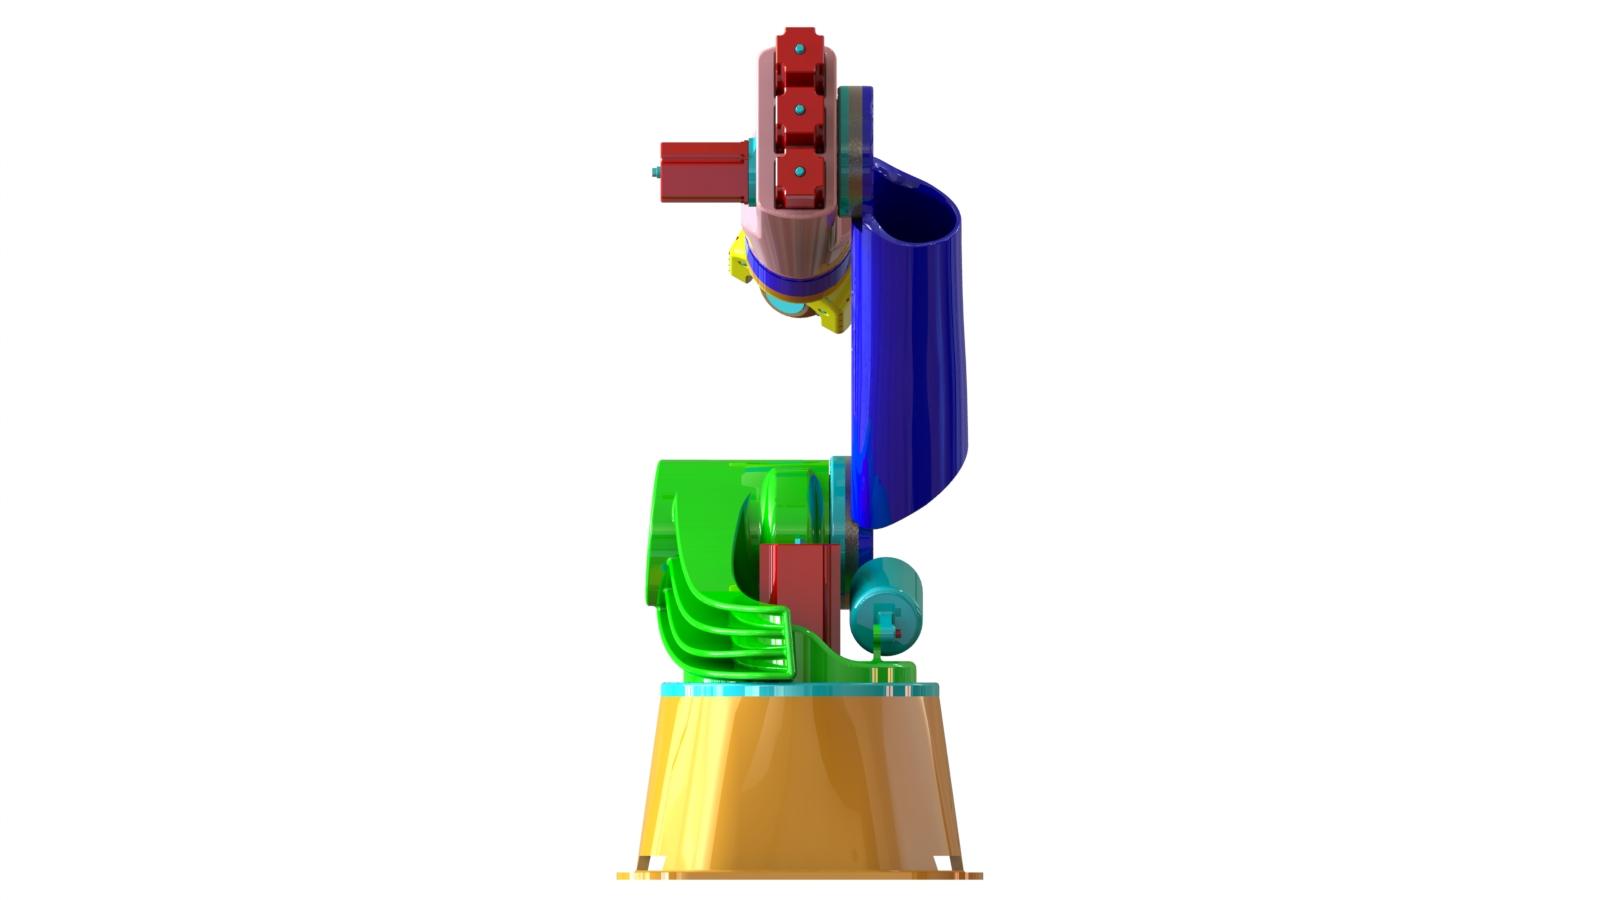 完整的6自由度机器人手臂3D建模图纸 SOLIDWORKS